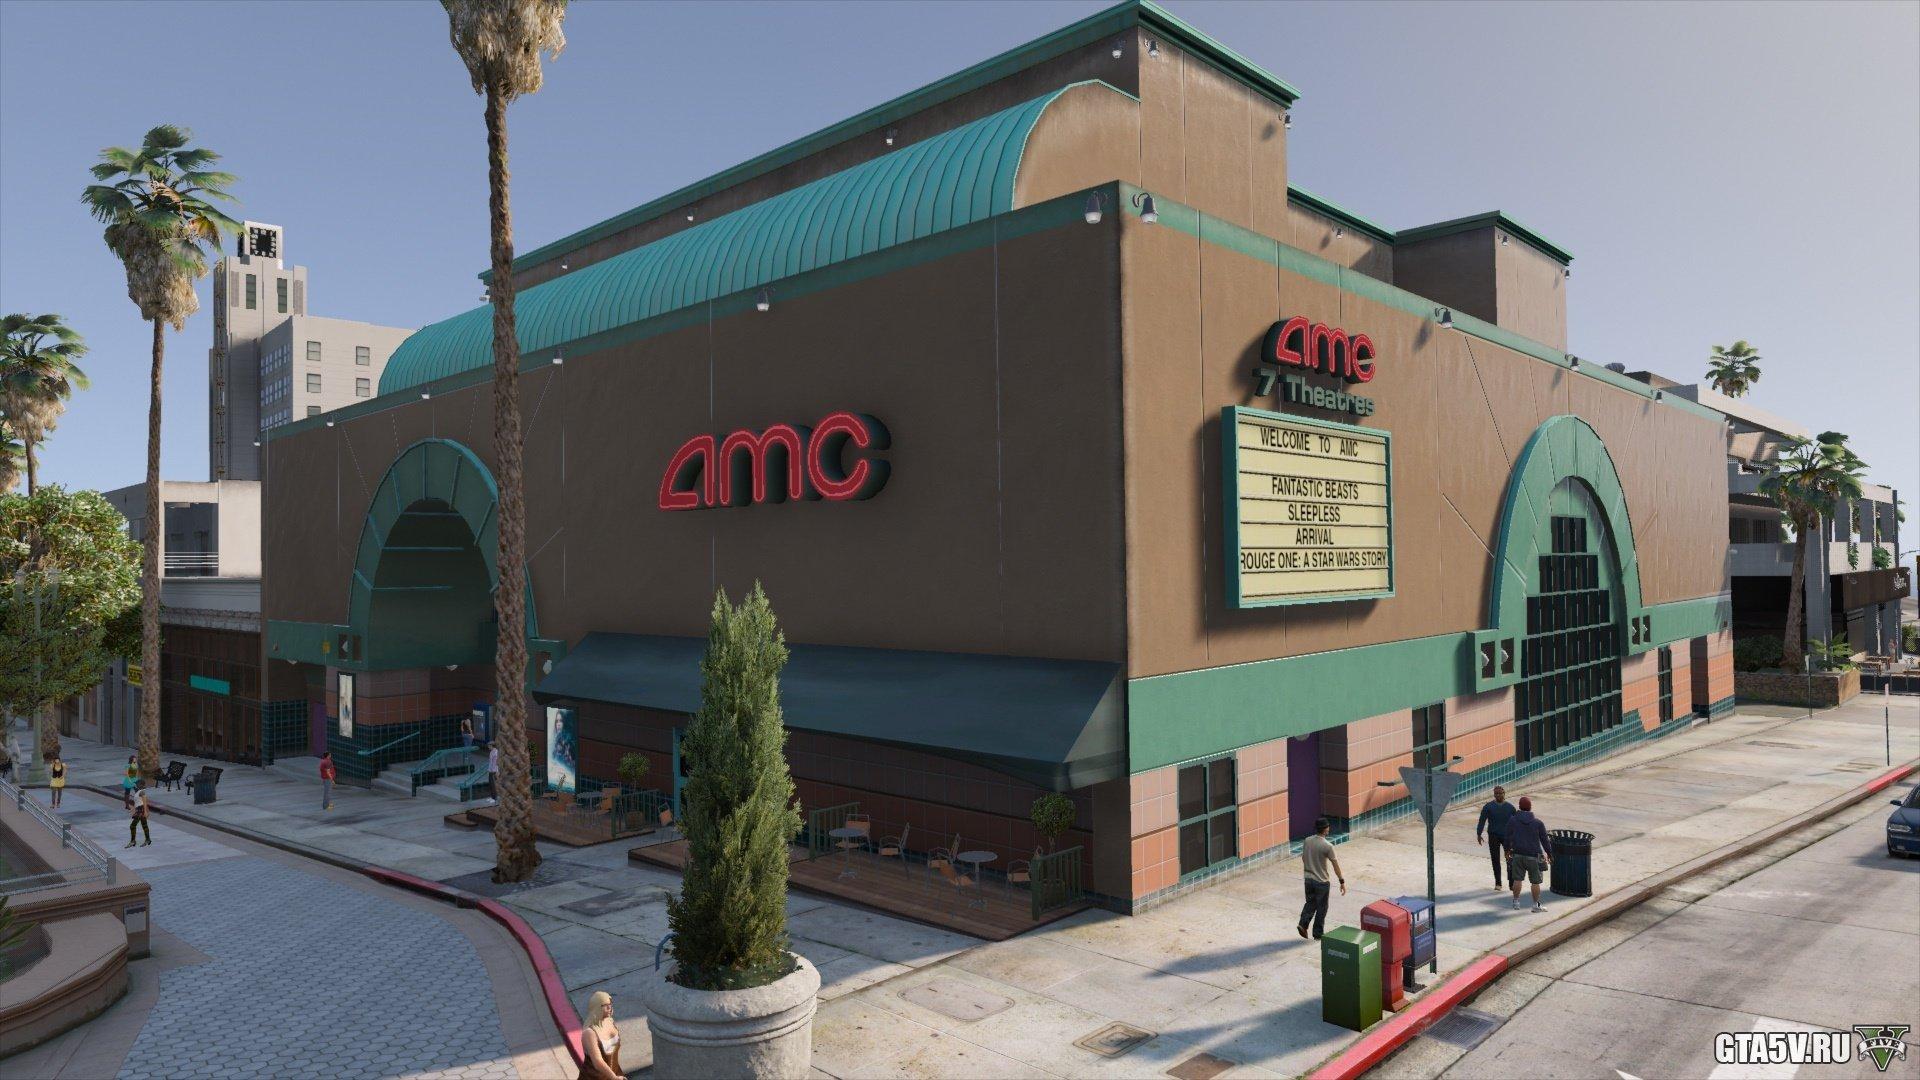 Real California Architecture